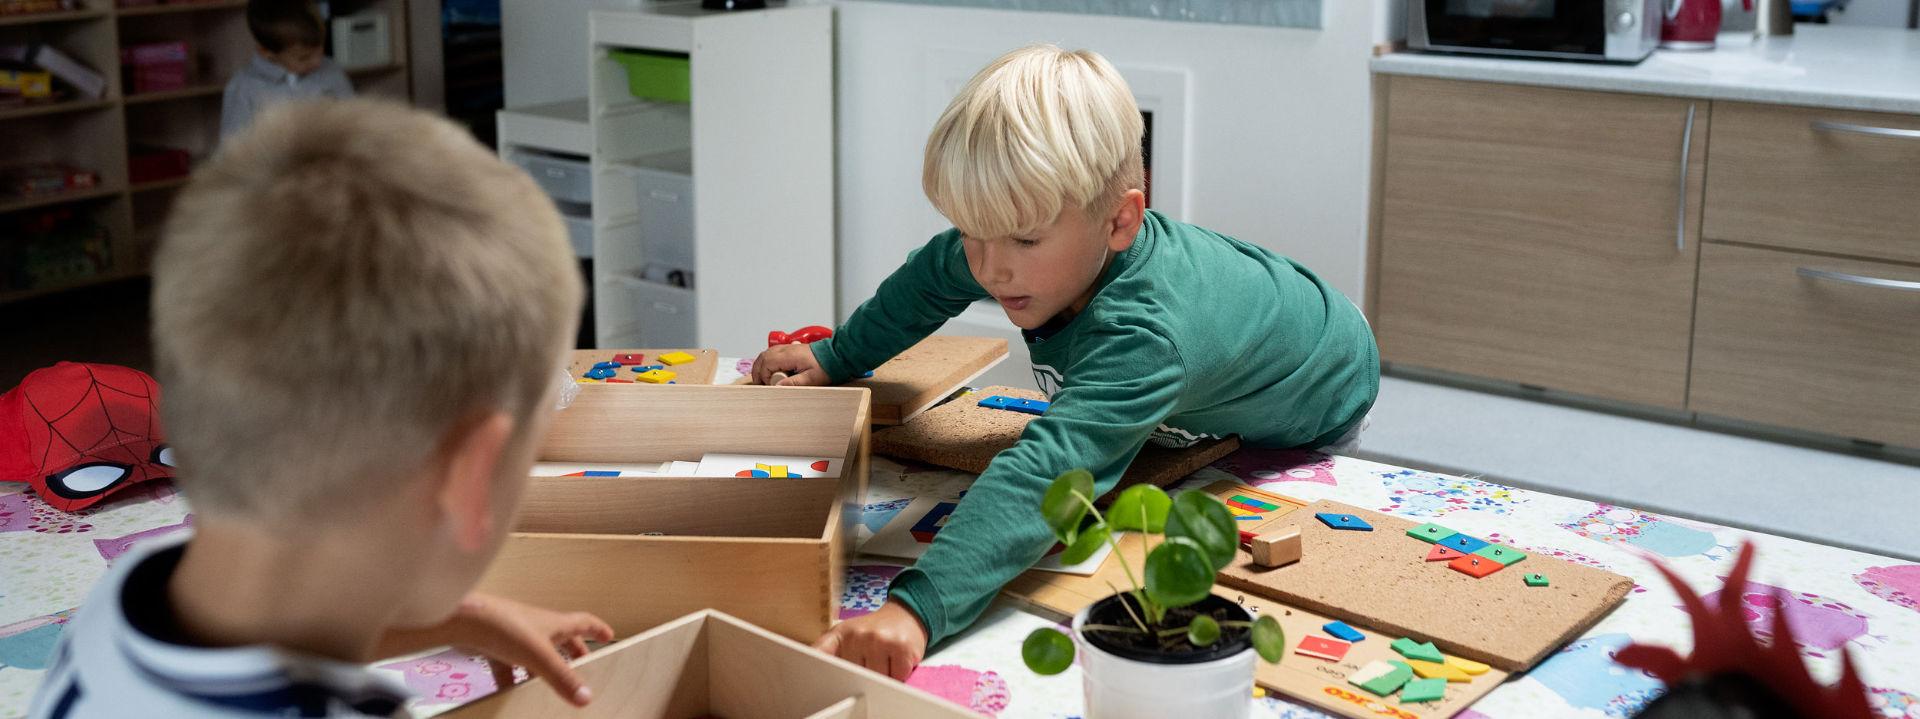 Børn der leger - Ejsing Friskole